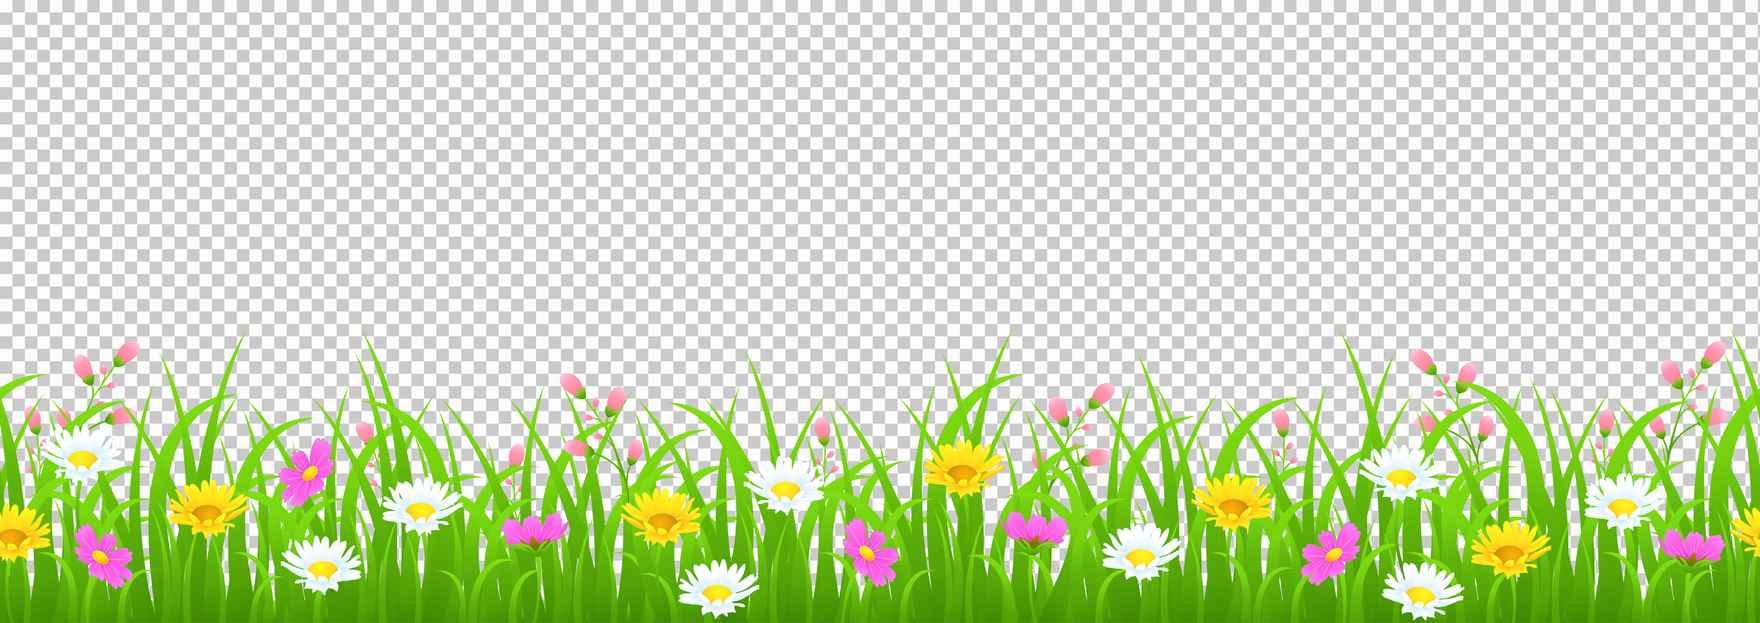 floral.border.3.dreamstime_l_114615932